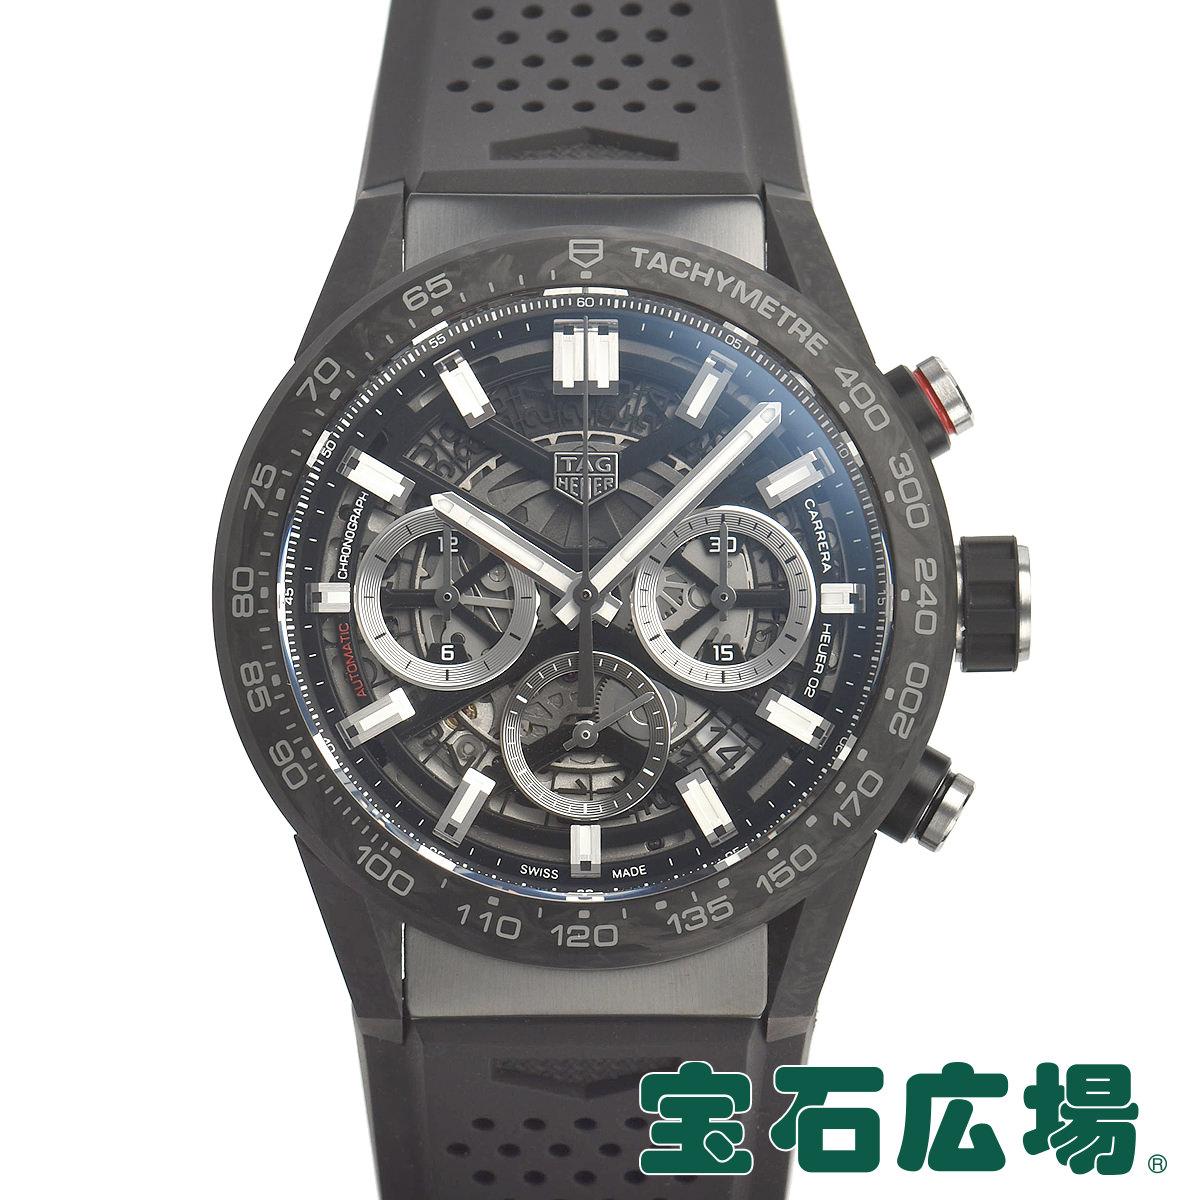 タグ・ホイヤー TAG HEUER カレラ キャリバーホイヤー02 クロノグラフ43mm CBG2016.FT6143【新品】メンズ 腕時計 送料・代引手数料無料